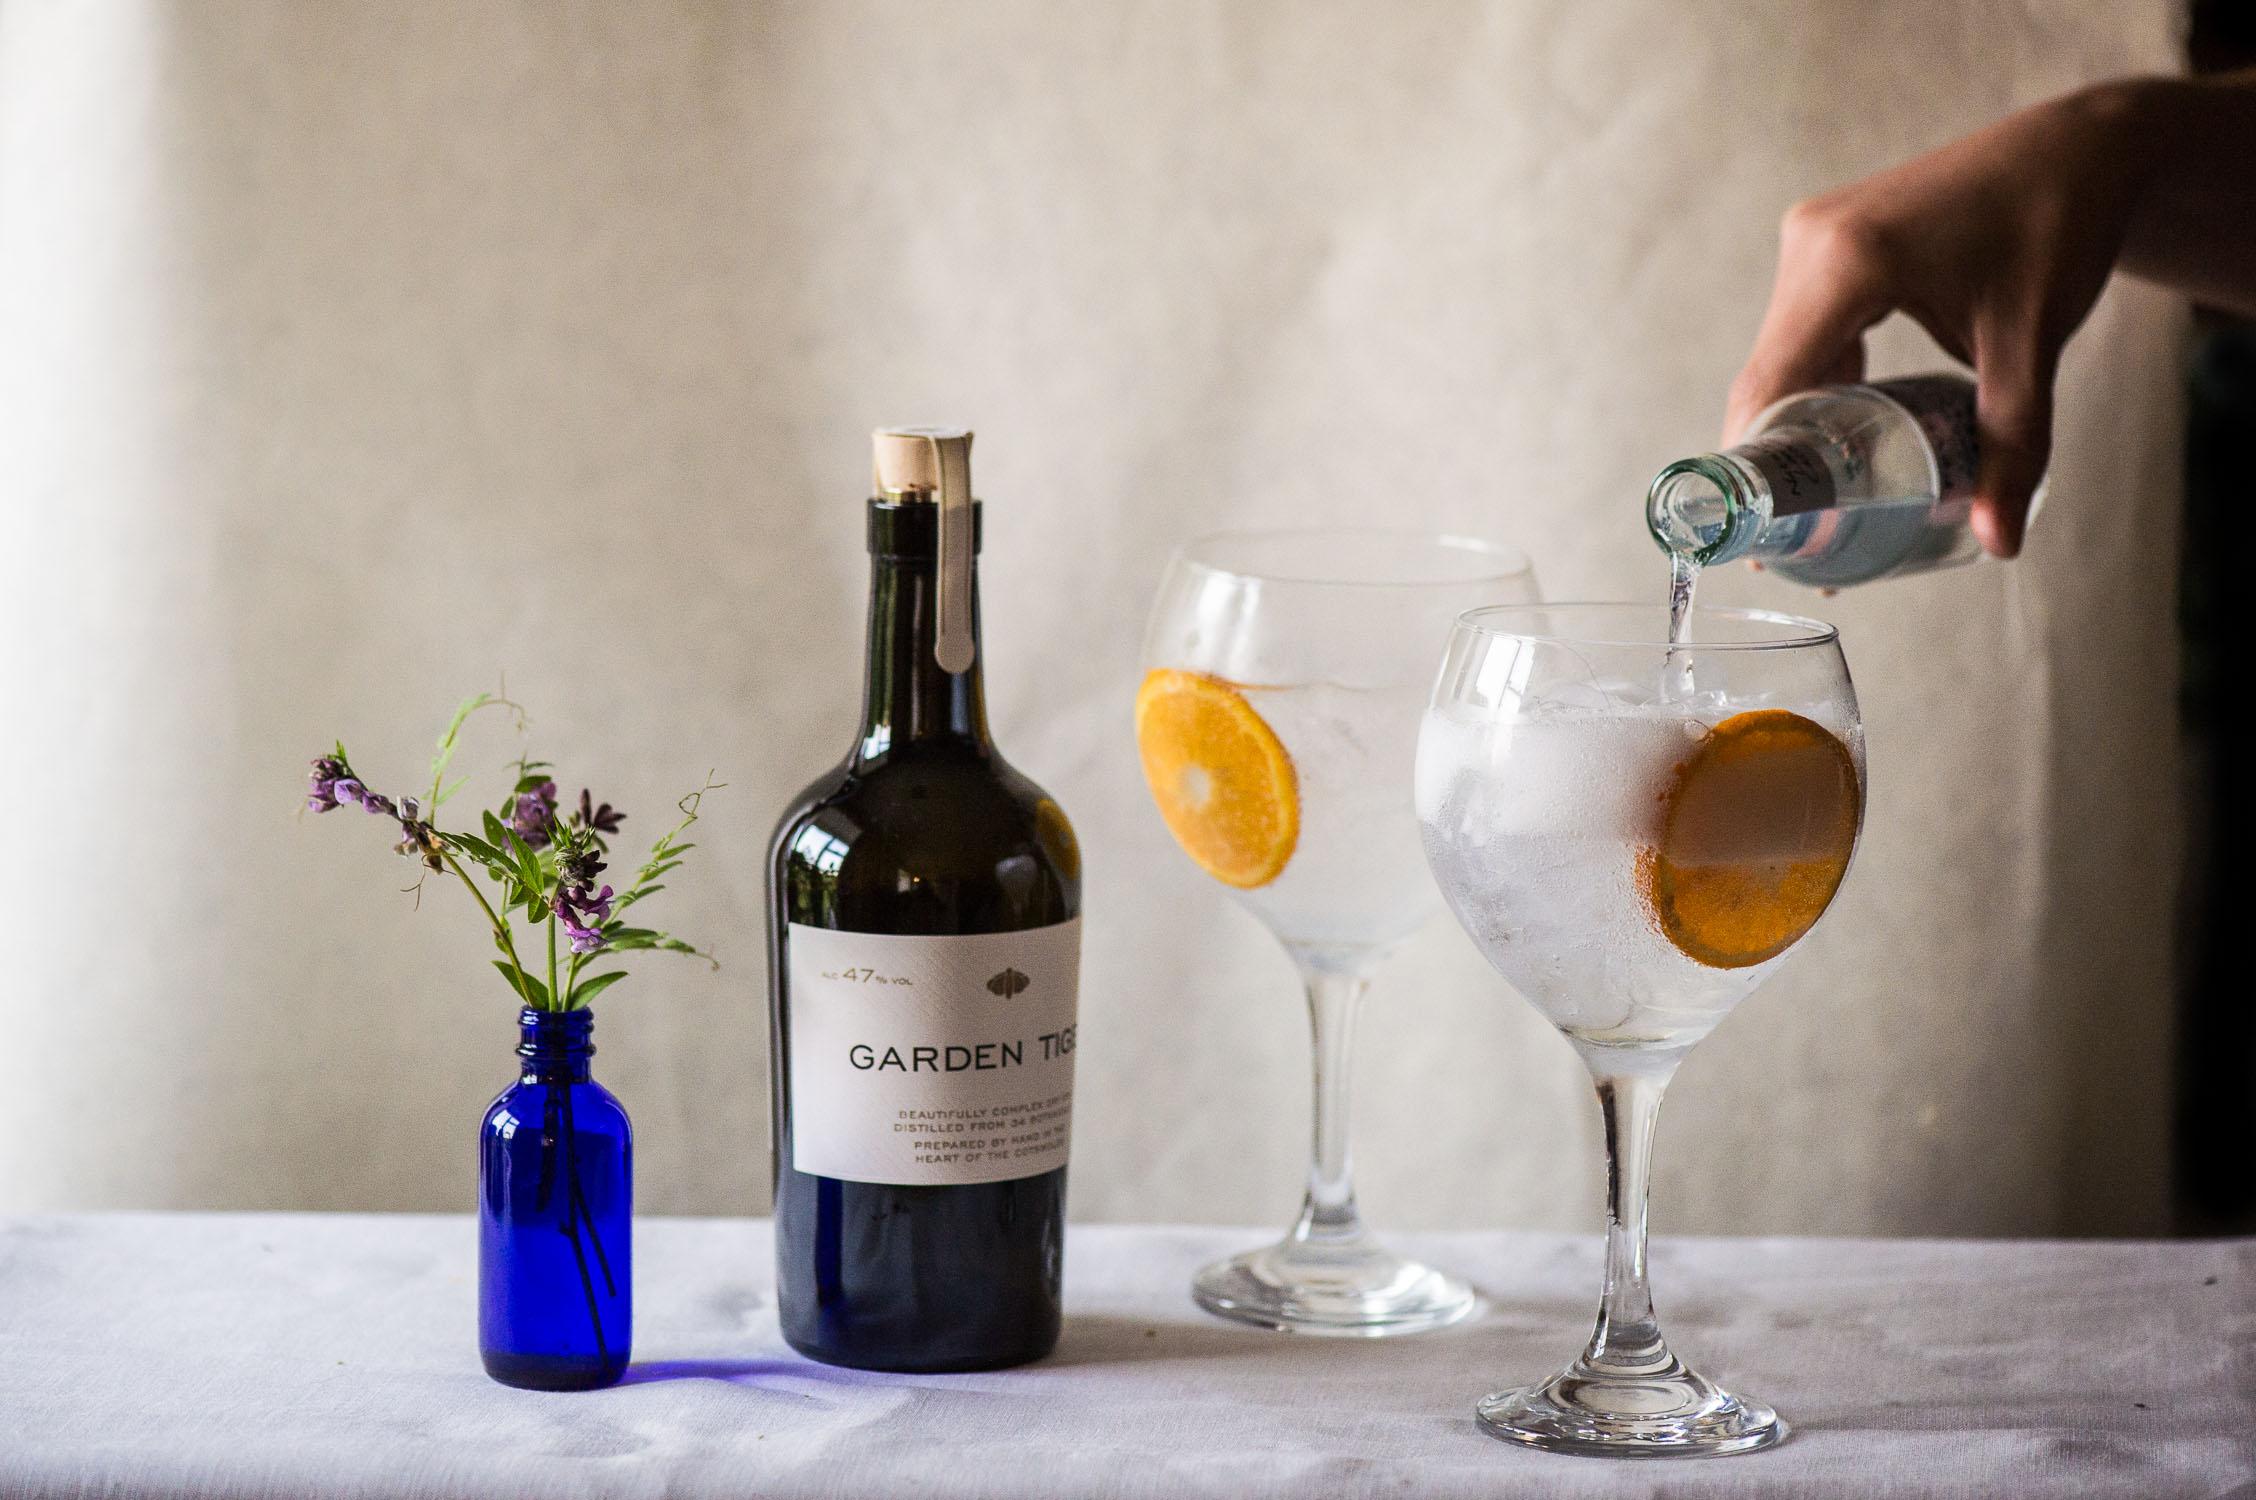 Garden-Tiger-Gin-Capreolus-Distillery-Best-Gin-in-the-world-top-gins